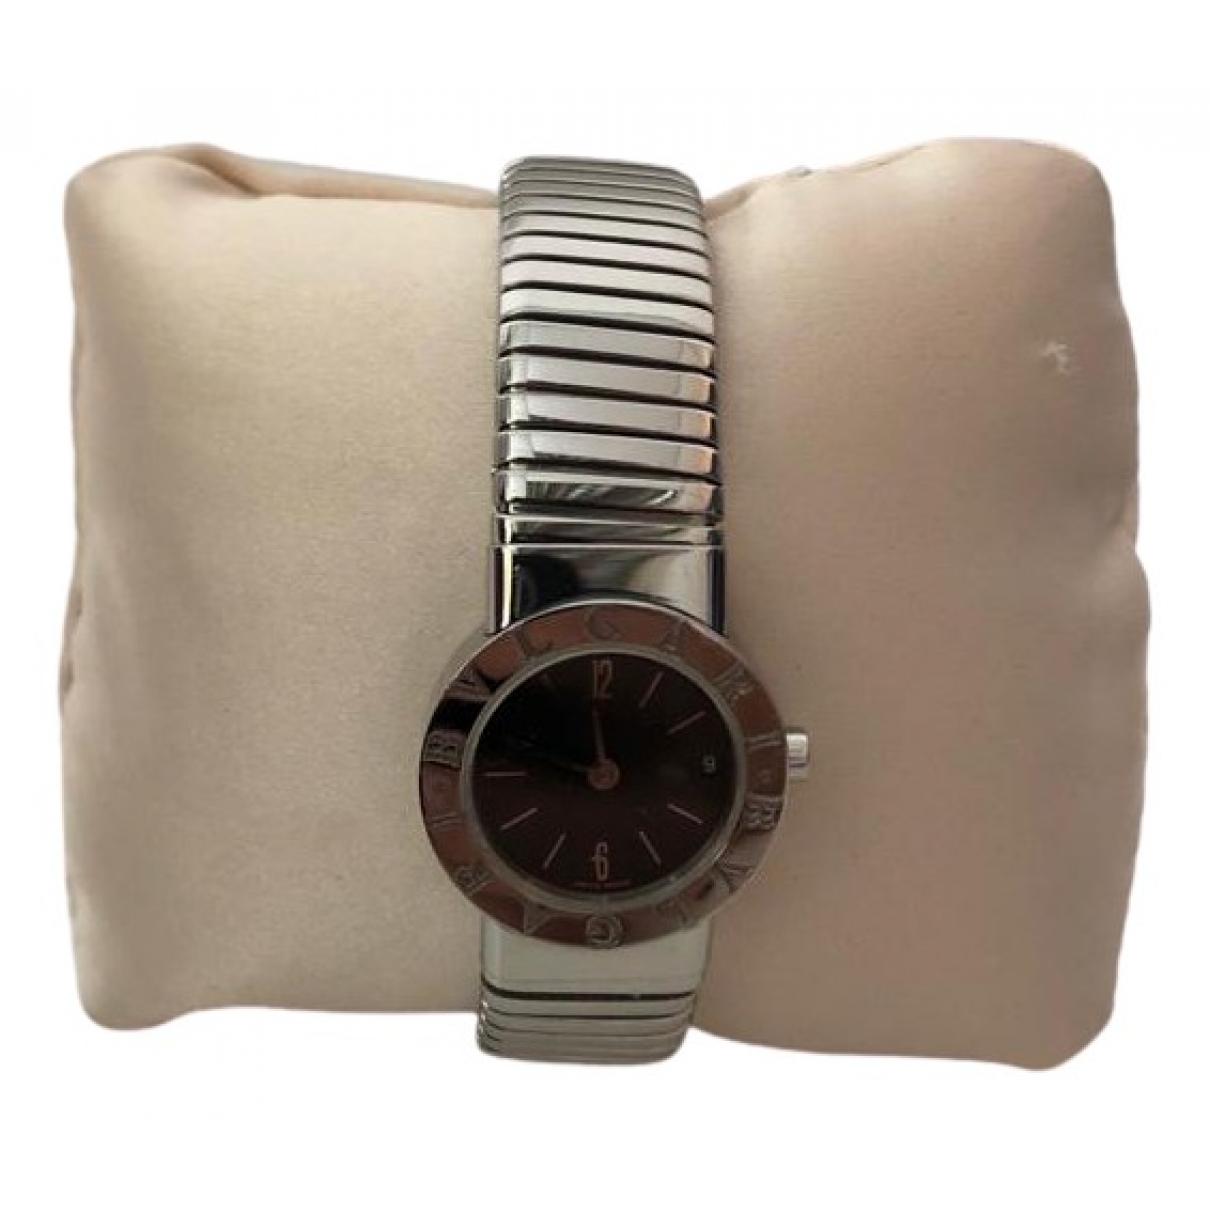 Bvlgari \N Silver Steel watch for Women \N